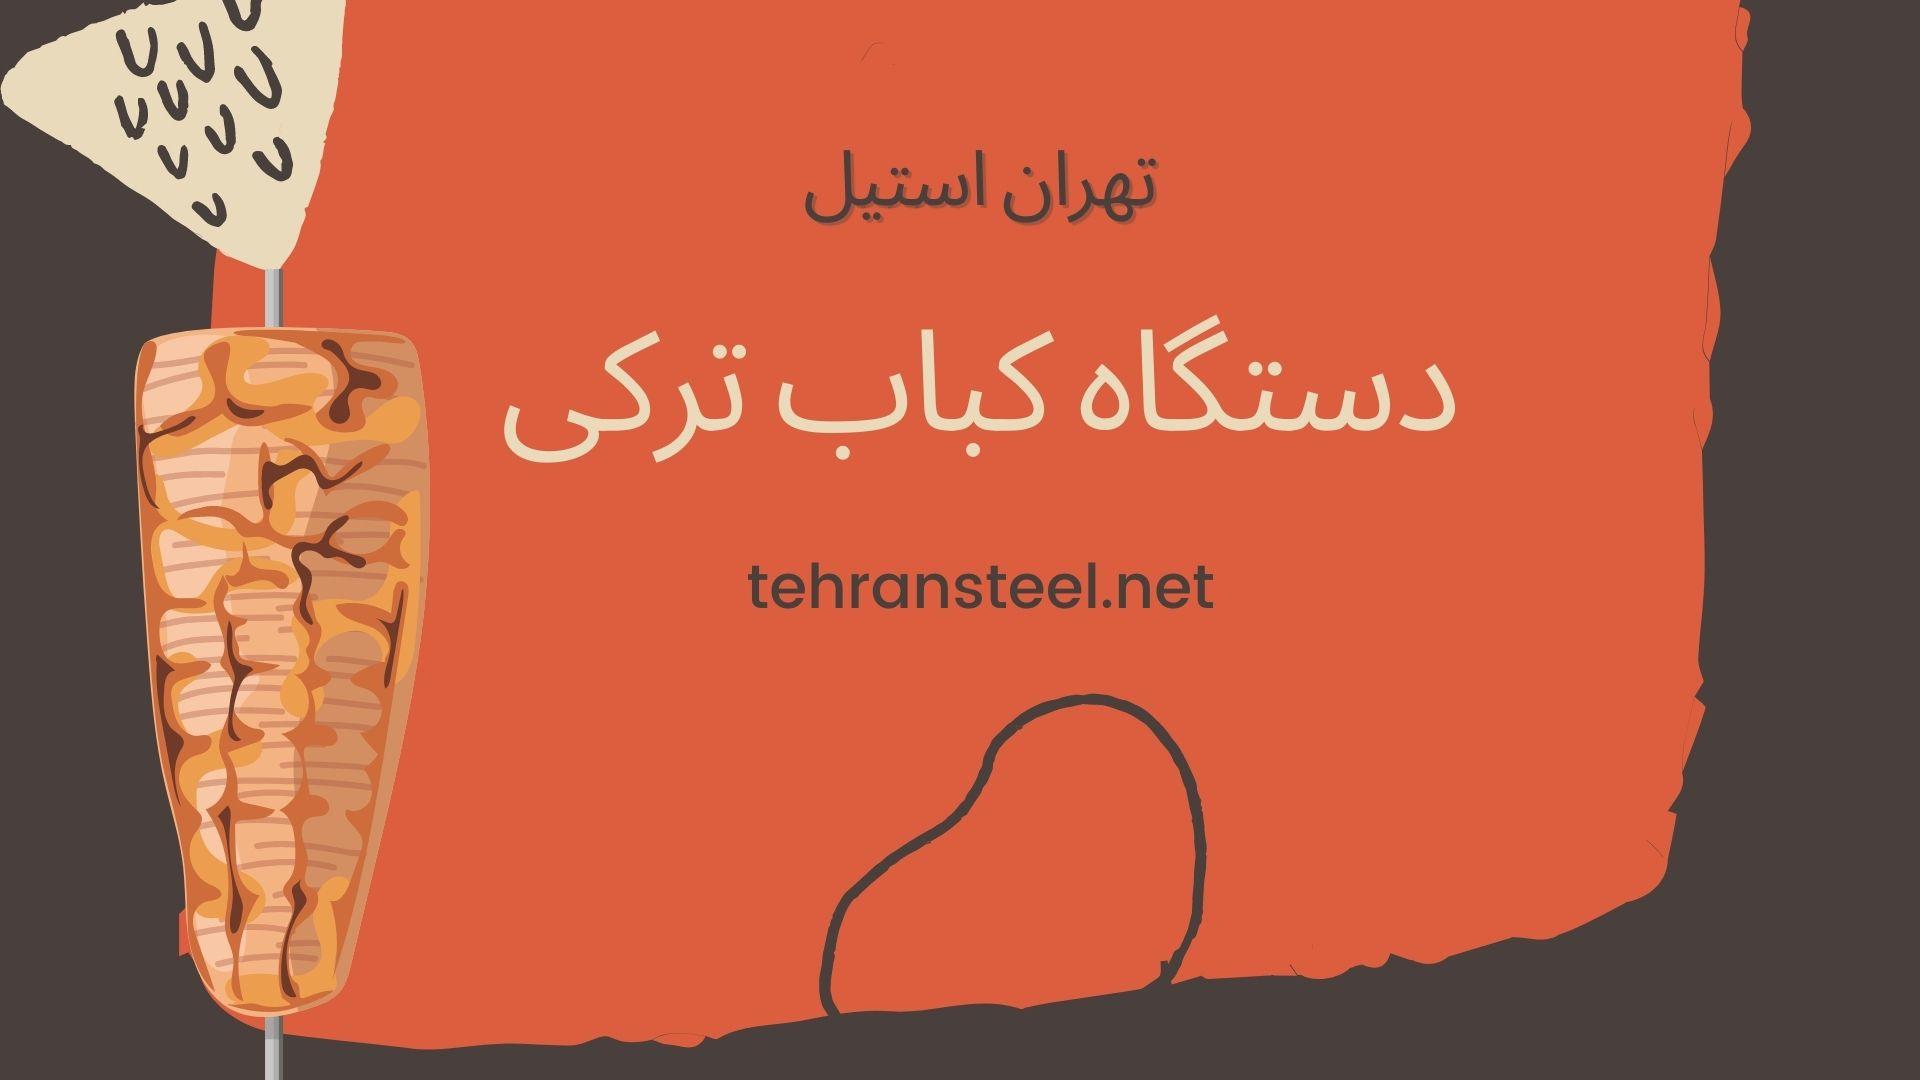 دستگاه کباب ترکی: